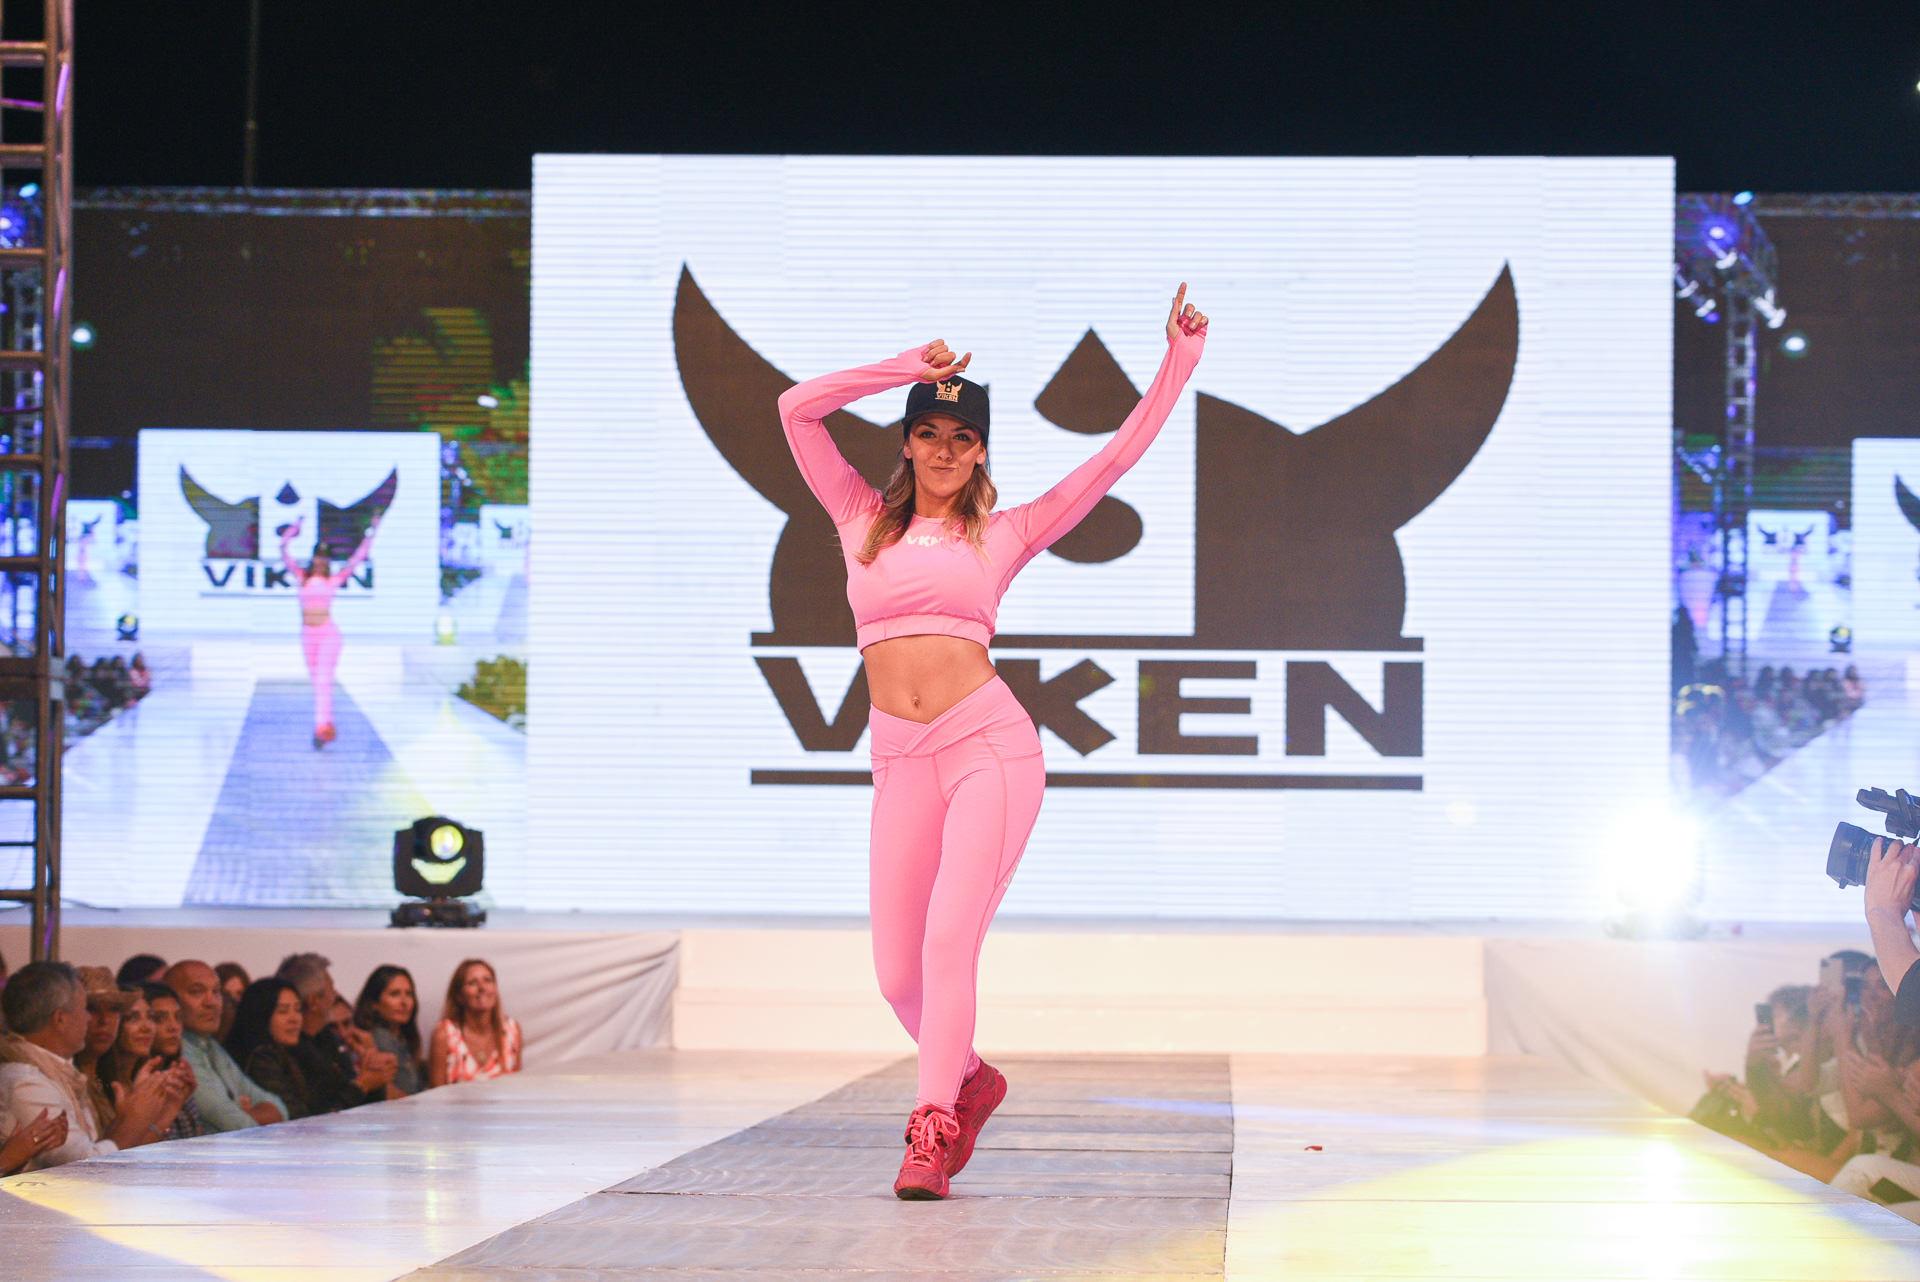 Floppy Tessouro, abrió la pasada de la marca deportiva Viken con un conjunto ideal para el invierno. De calzas largas y remera de mangas largas